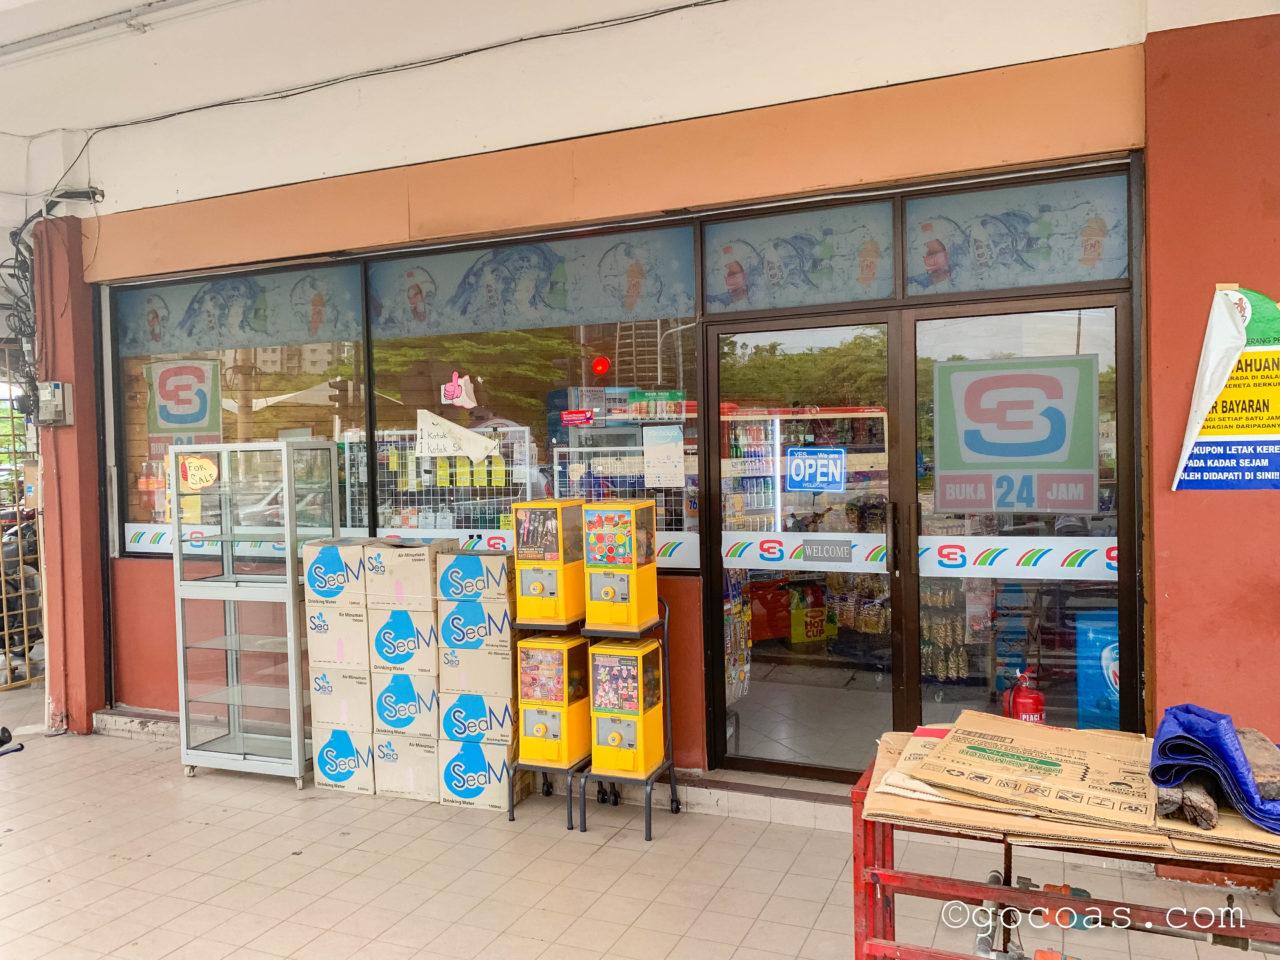 SE Hotel向かいにあったスーパーの入り口